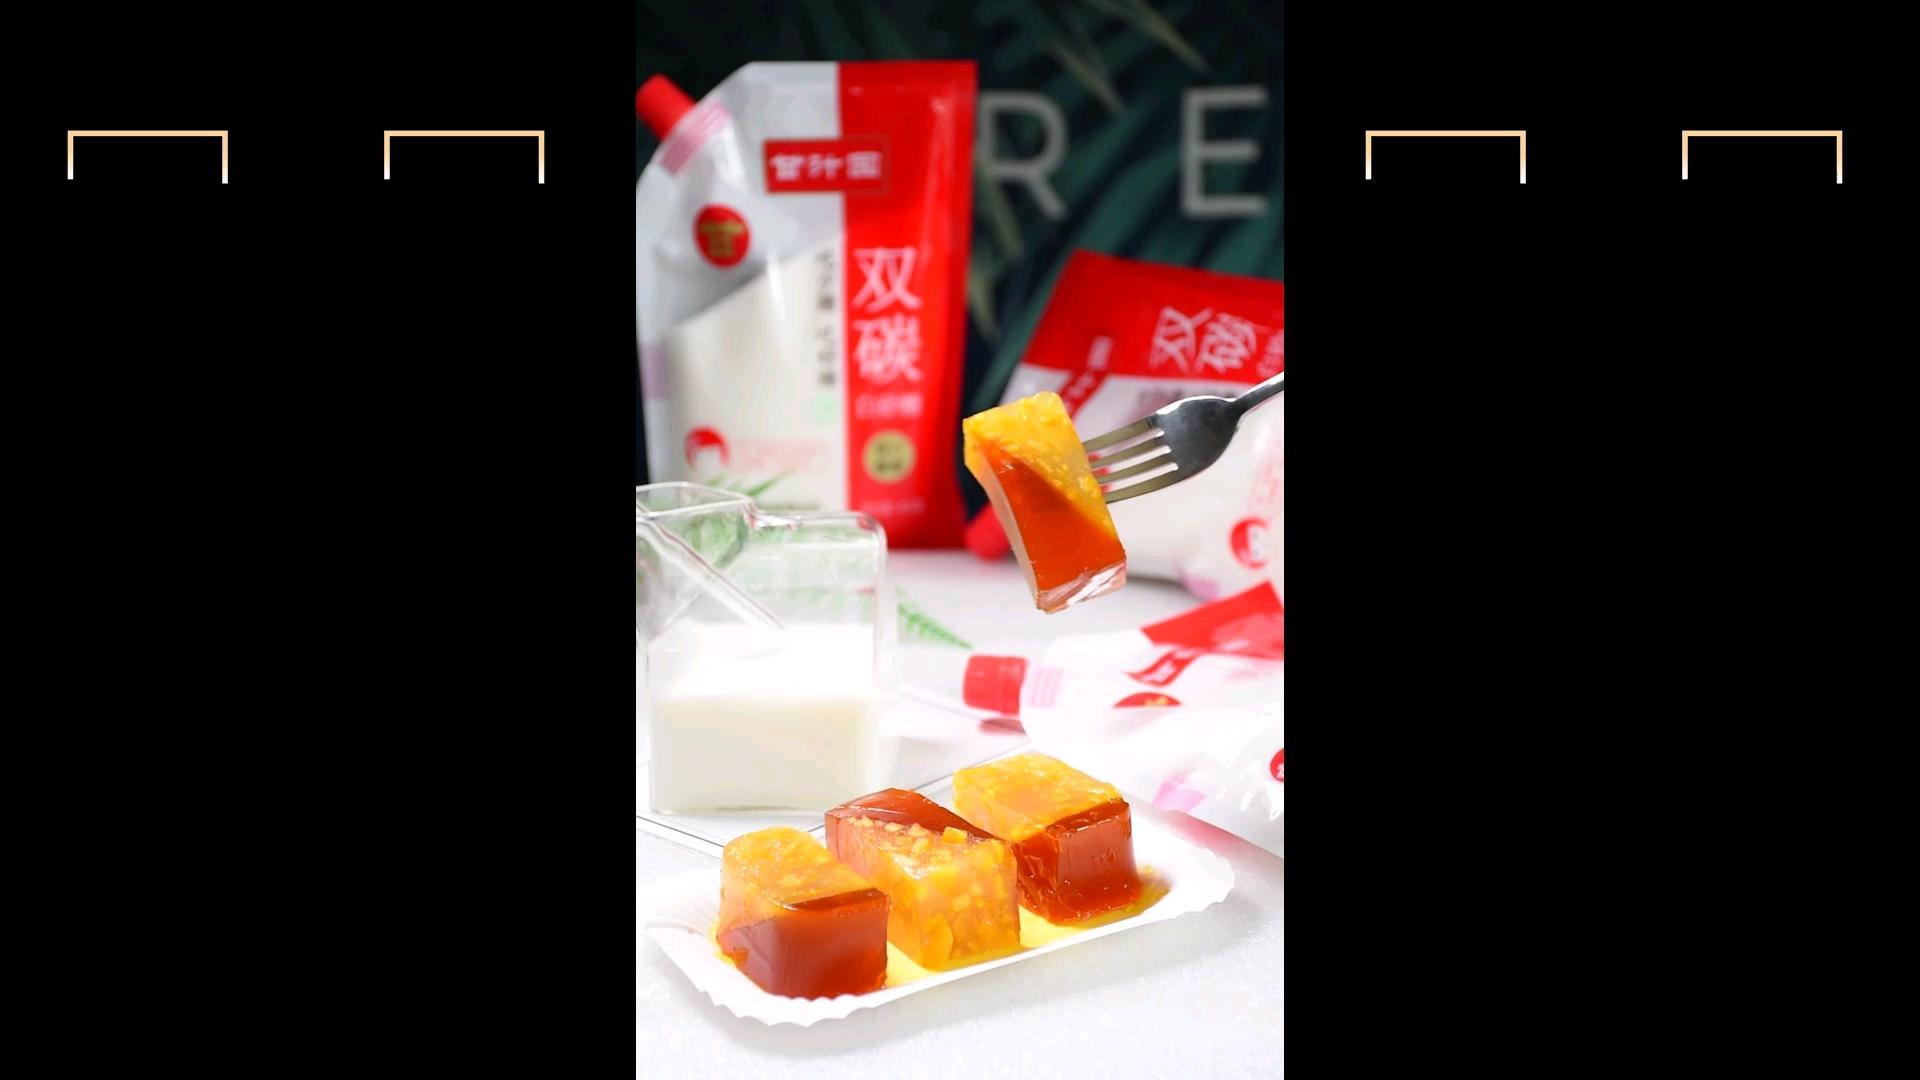 橙香红茶果冻